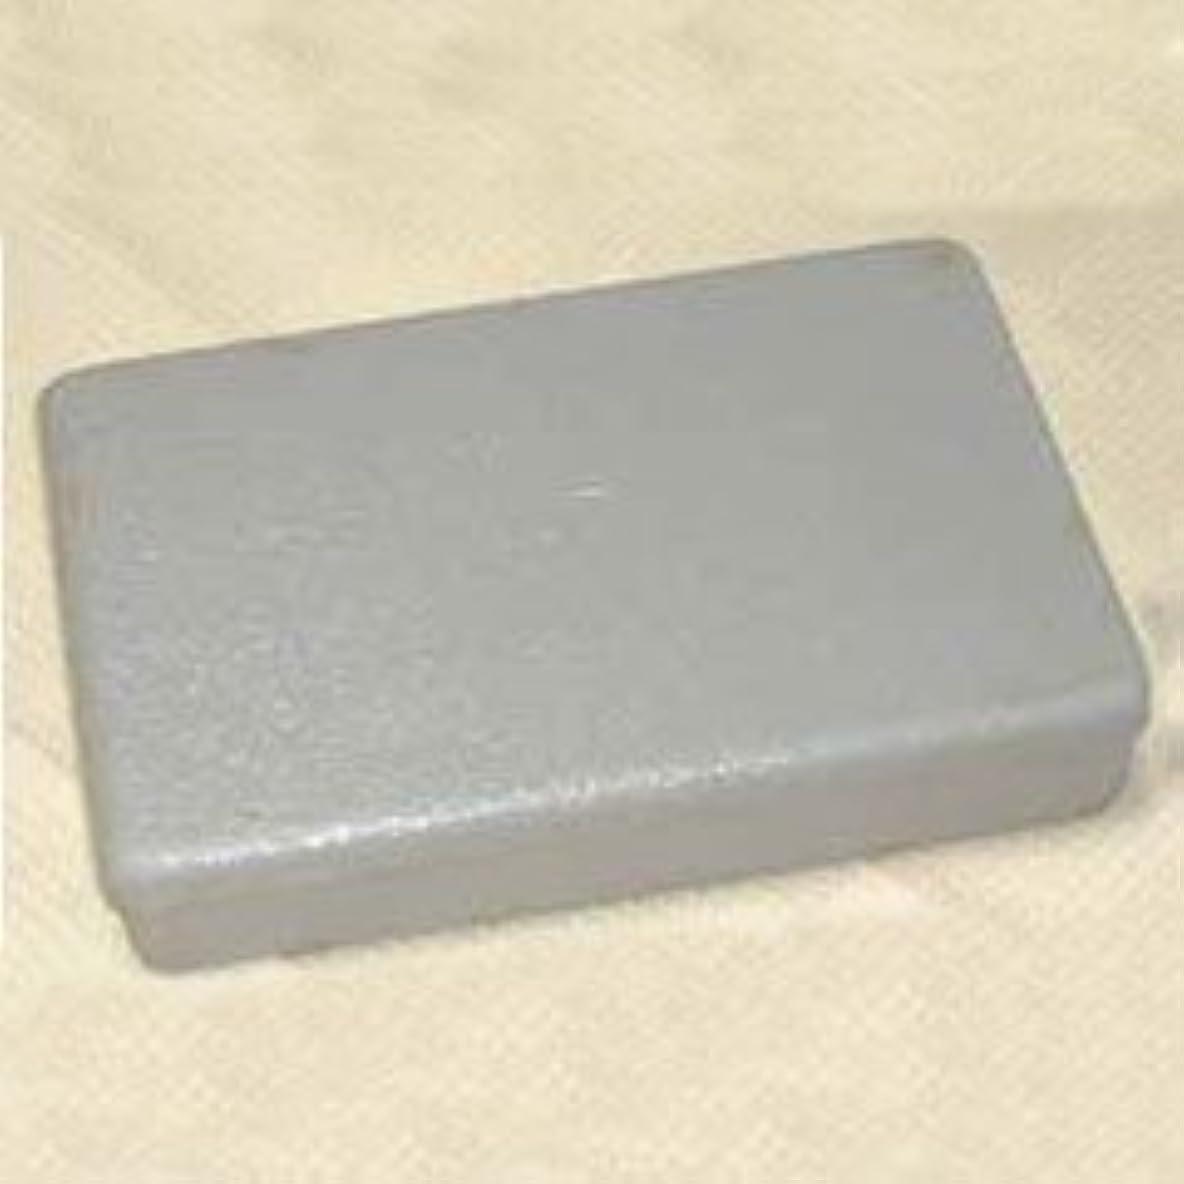 マンハッタン飲み込む治療肌に優しいお湯にする磁気風呂ック(お風呂用)3950ガウス